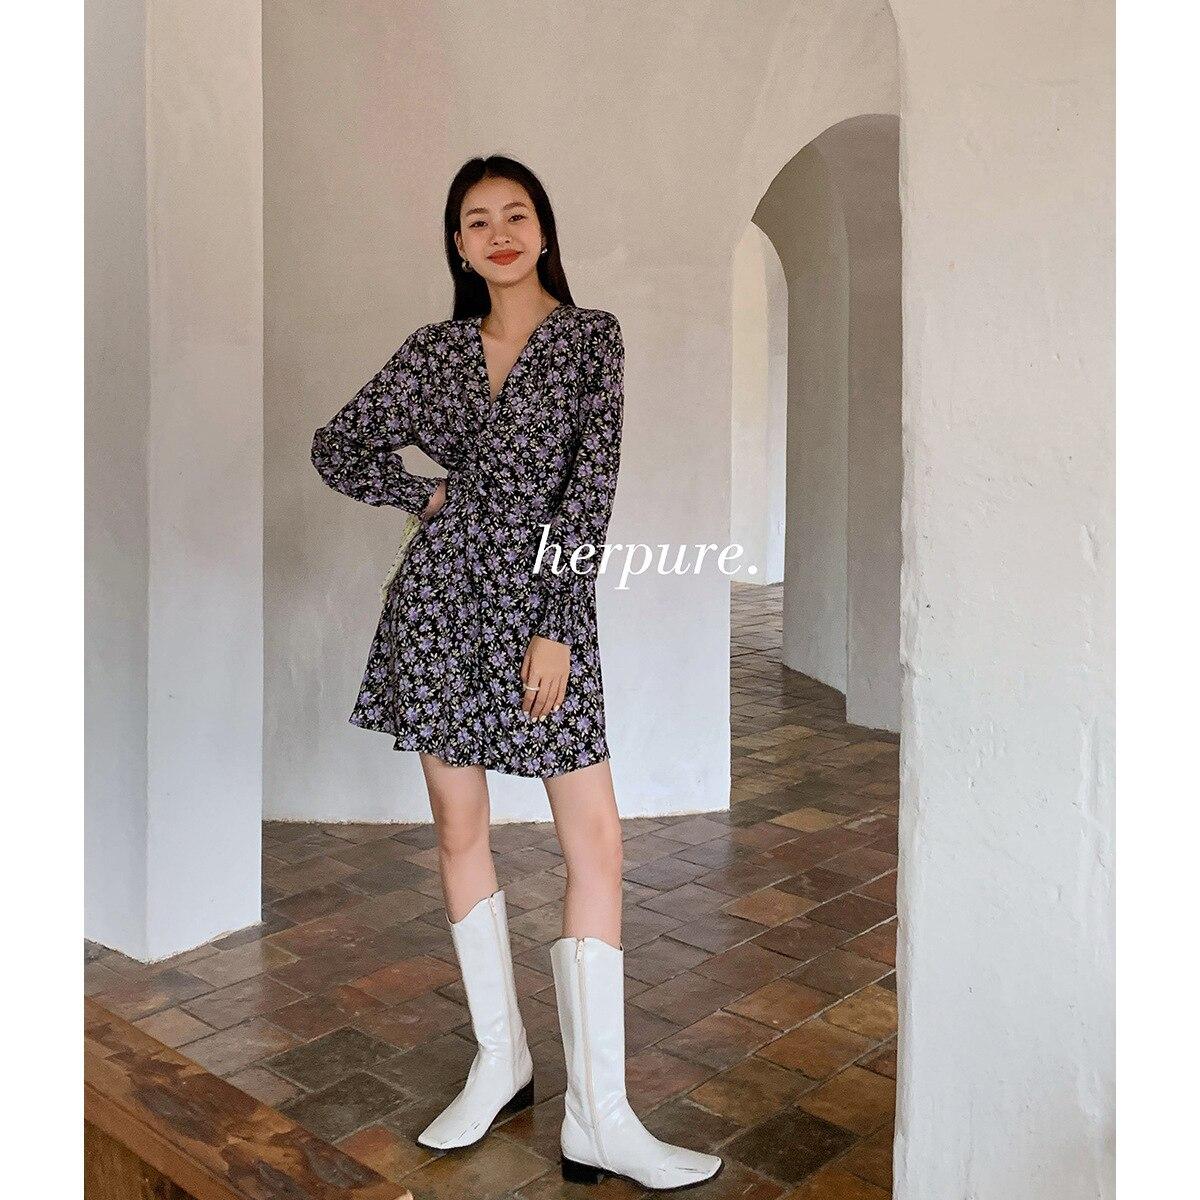 2021 LBP 53-68 فستان الحفلات فستان مثير للنساء